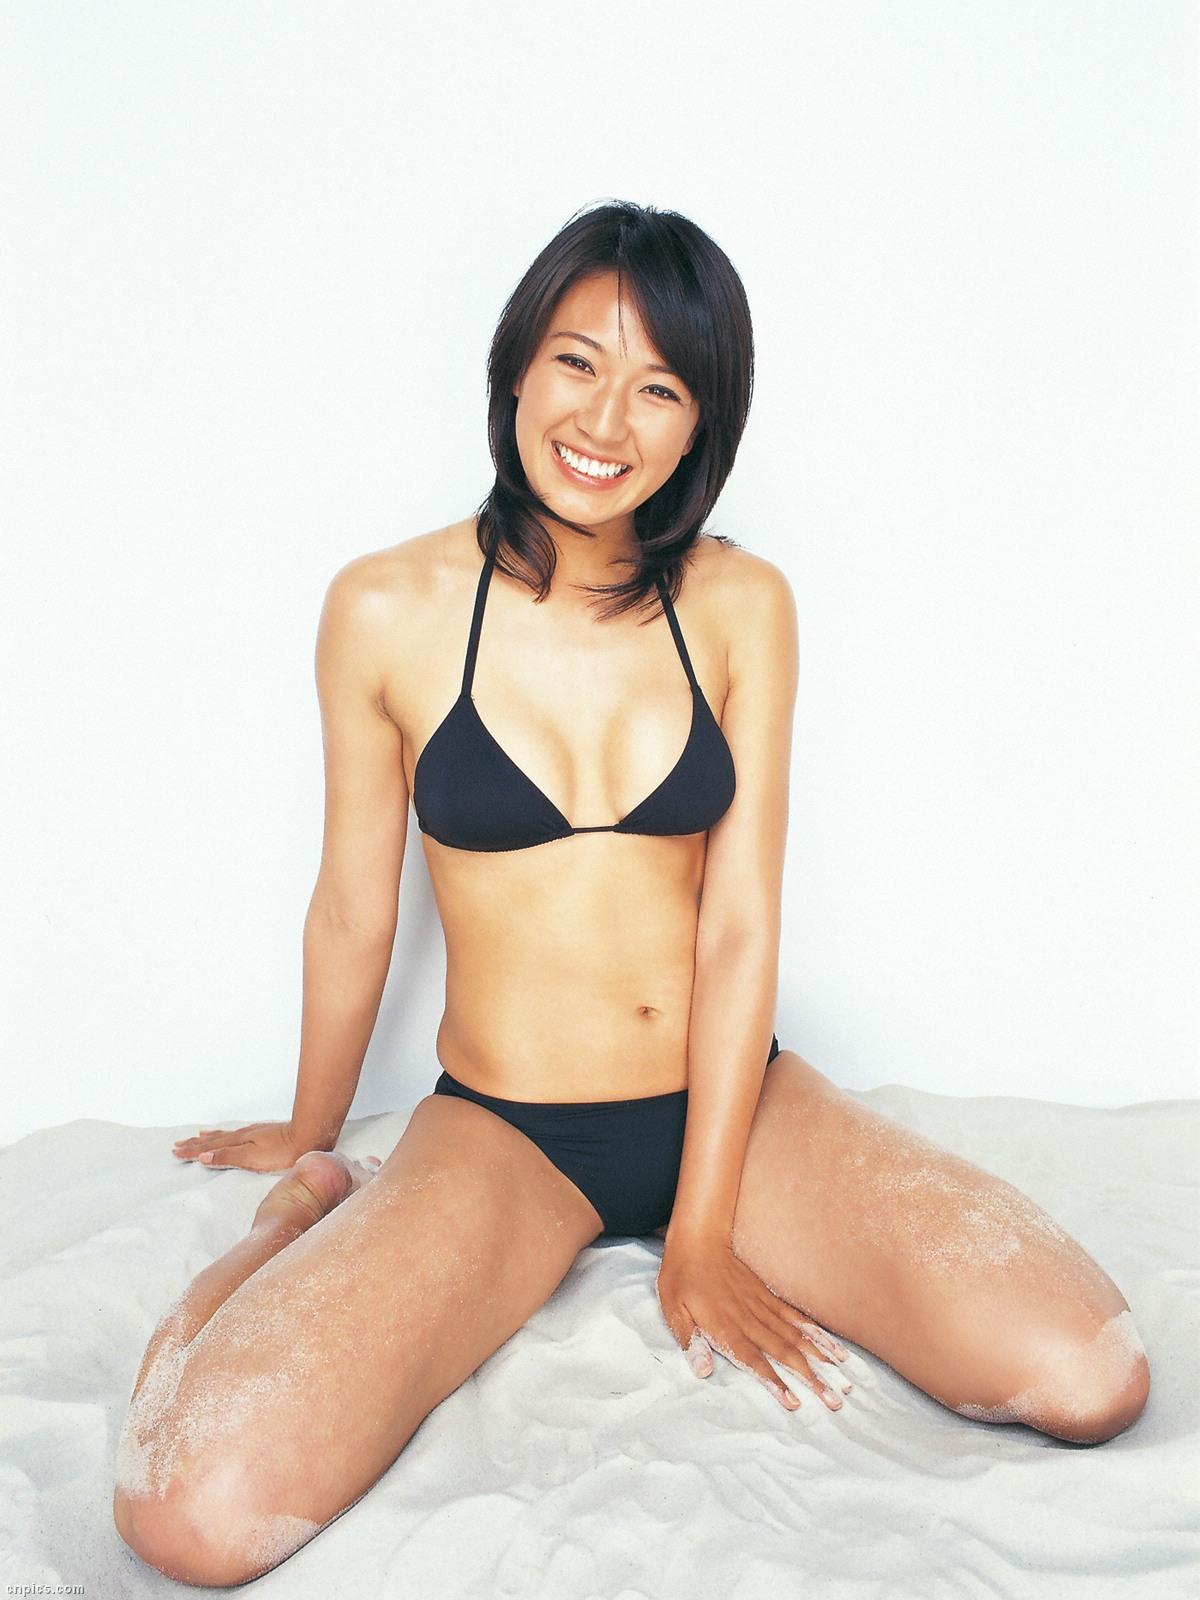 浅尾美和 セクシー 日焼け おっぱいの谷間 ビキニ 水着 太もも 開脚 局部 笑顔 エロかわいい画像8